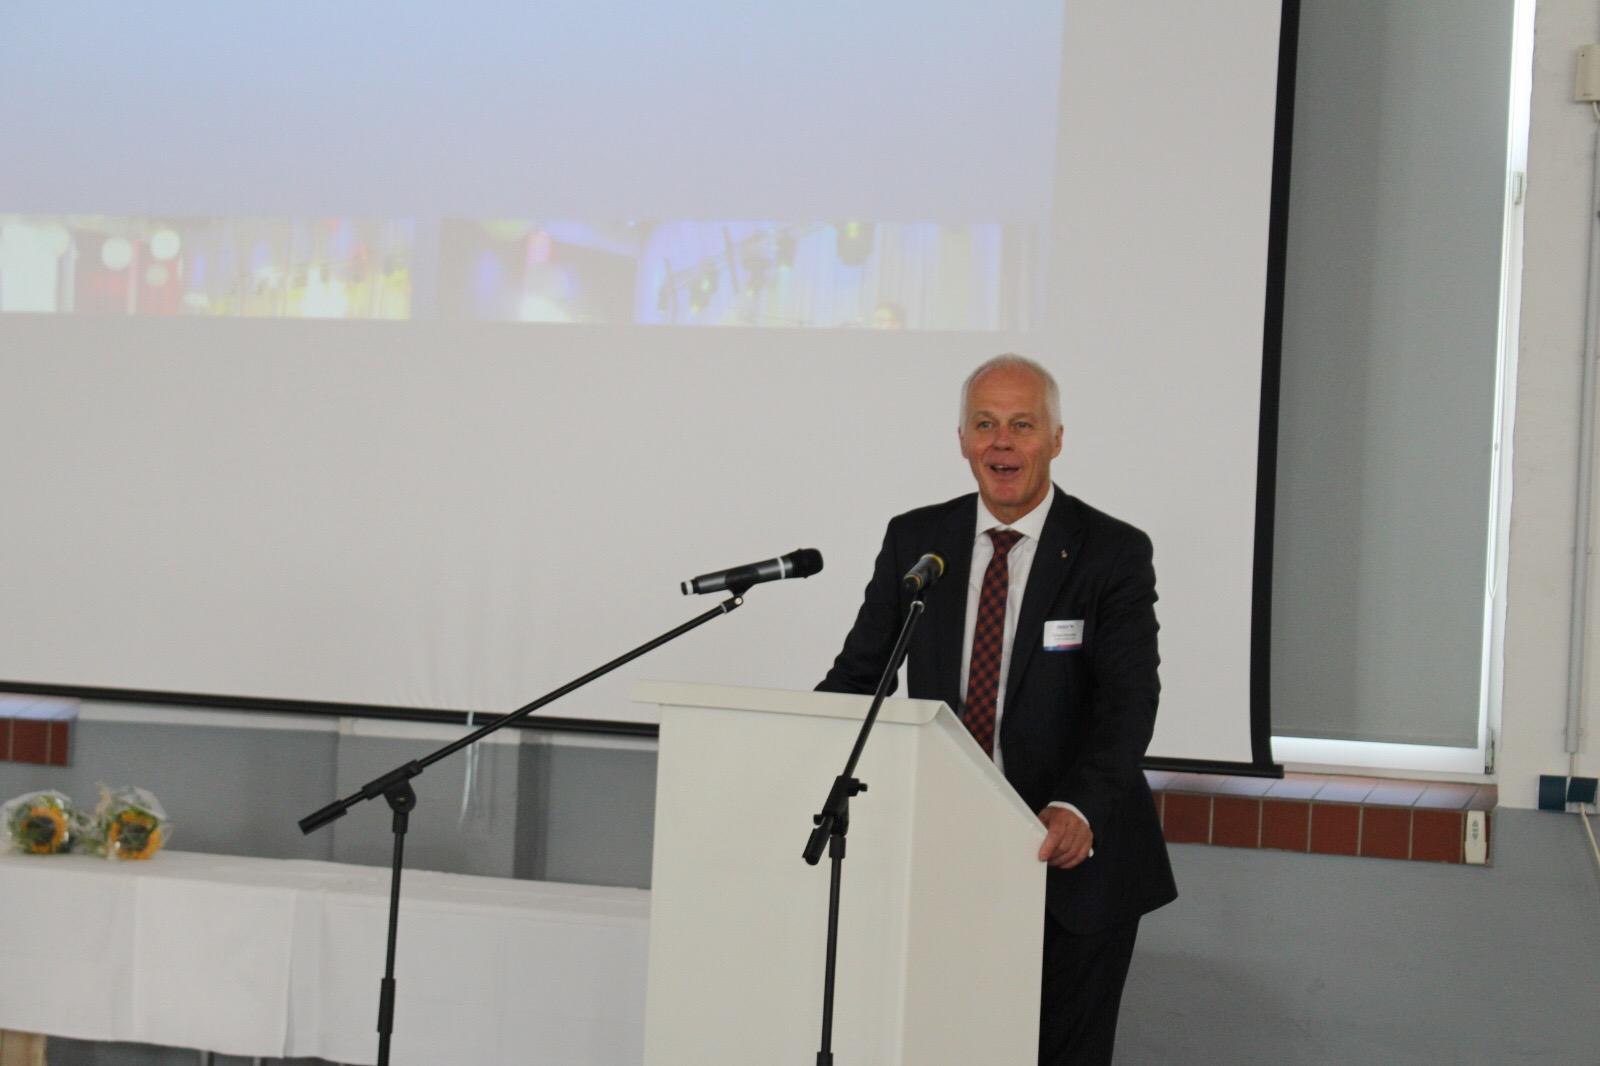 Ekhard Klomfass von Schmitz Cargo Bull bei seinem Grußwort